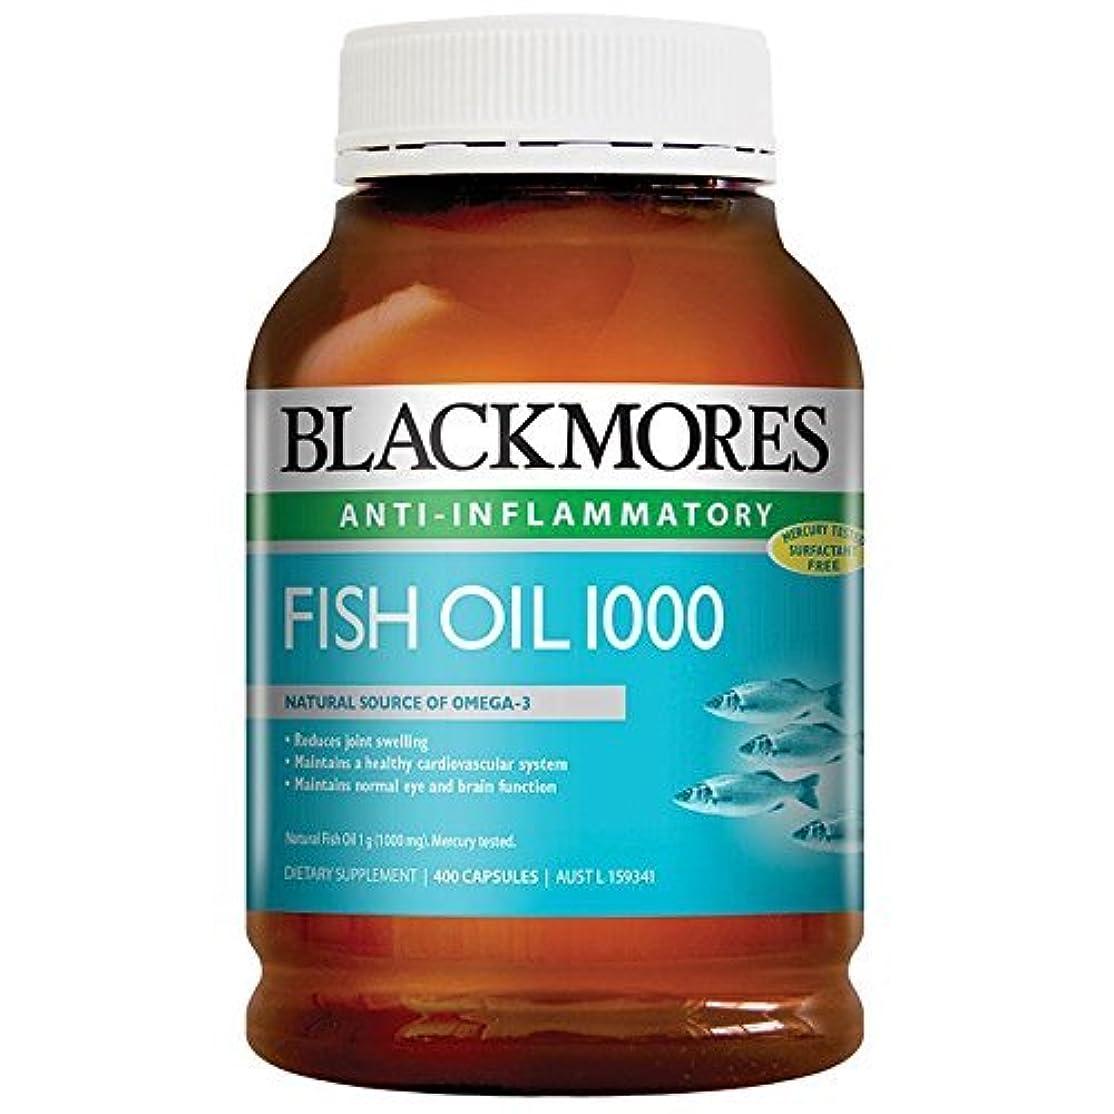 気絶させるサーバント強調するBlackmores Fish Oil 400 Caps 1000 Omega3 Dha, EPA Fatty Acids with 1pcs Chinese Knot Gift by Blackmores LTD